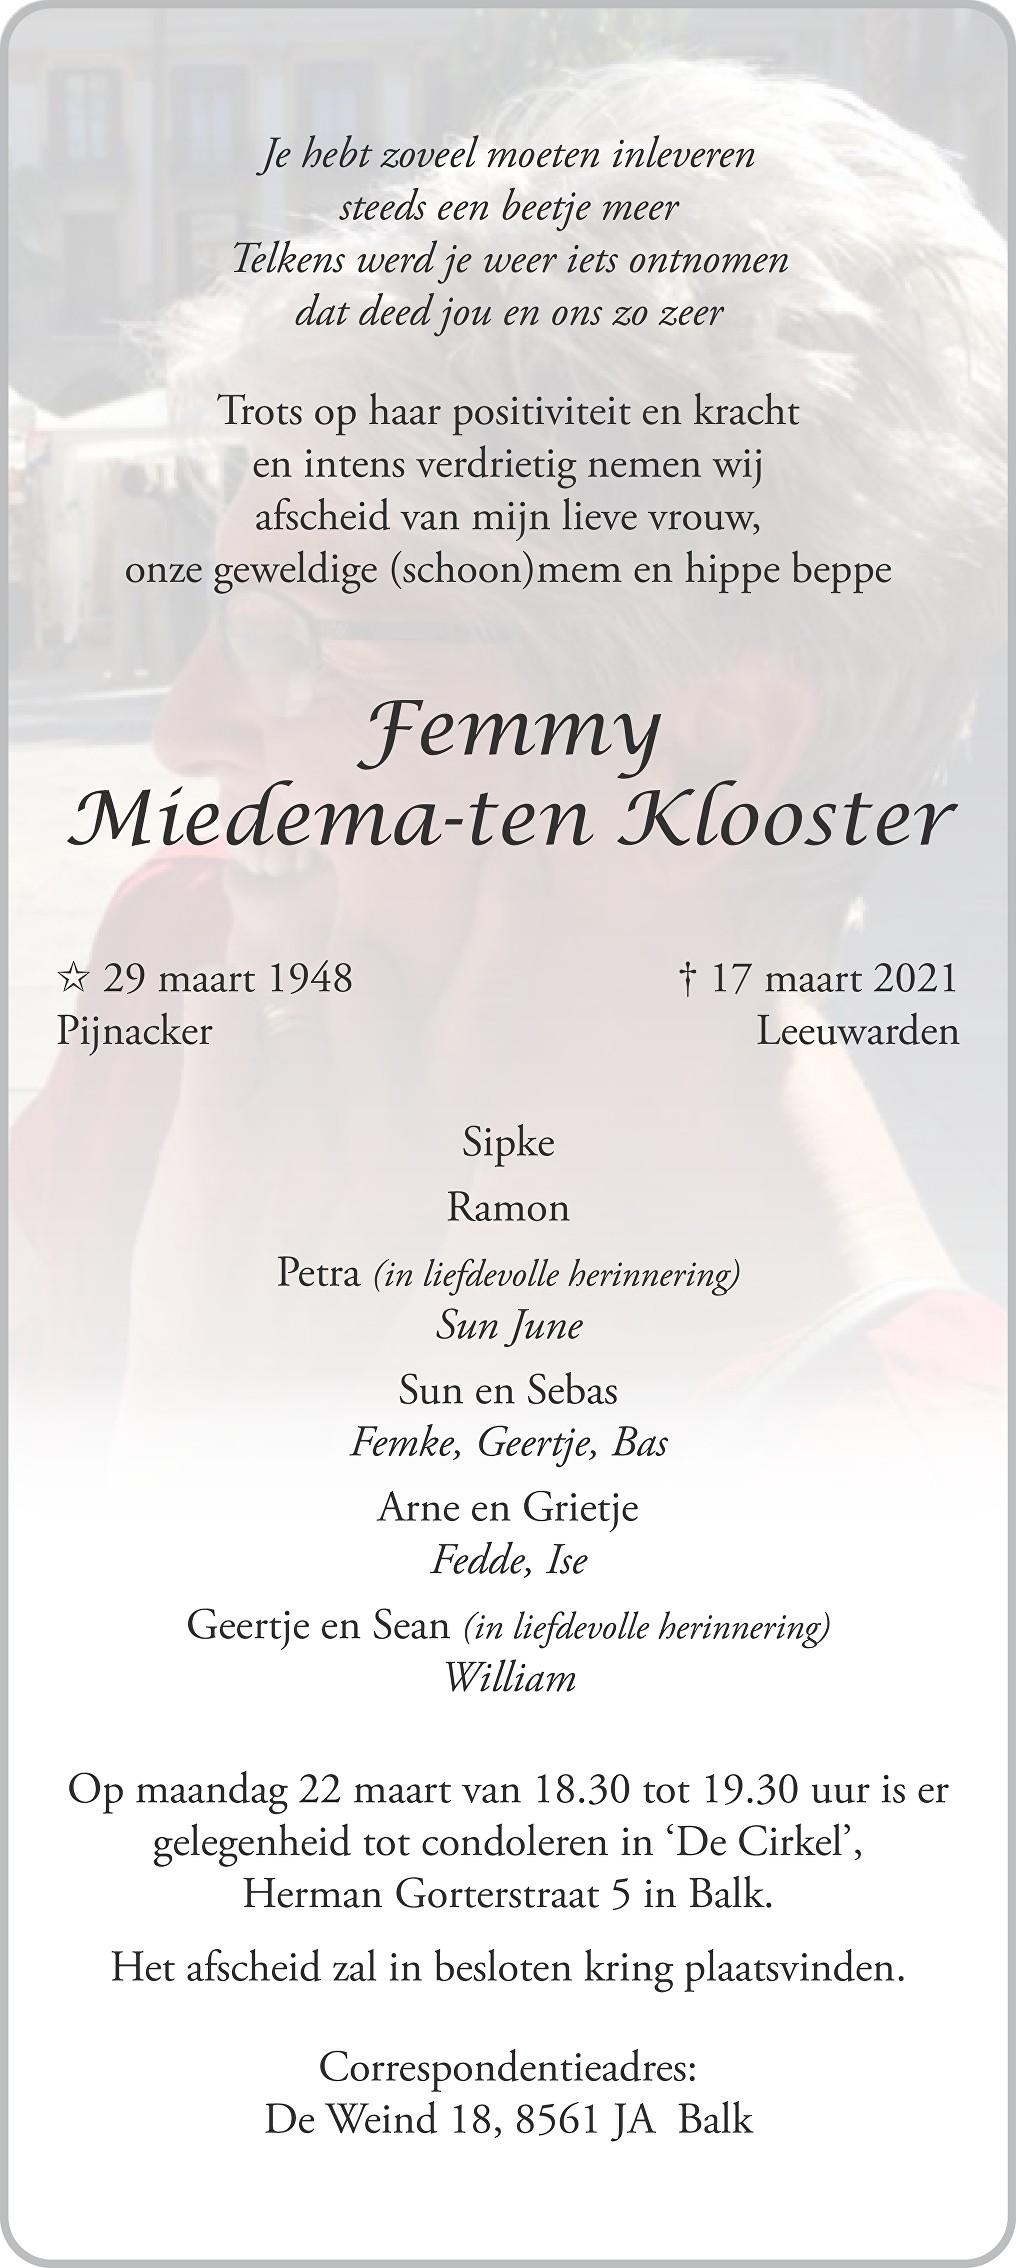 Femmy Miedema-ten Klooster Death notice